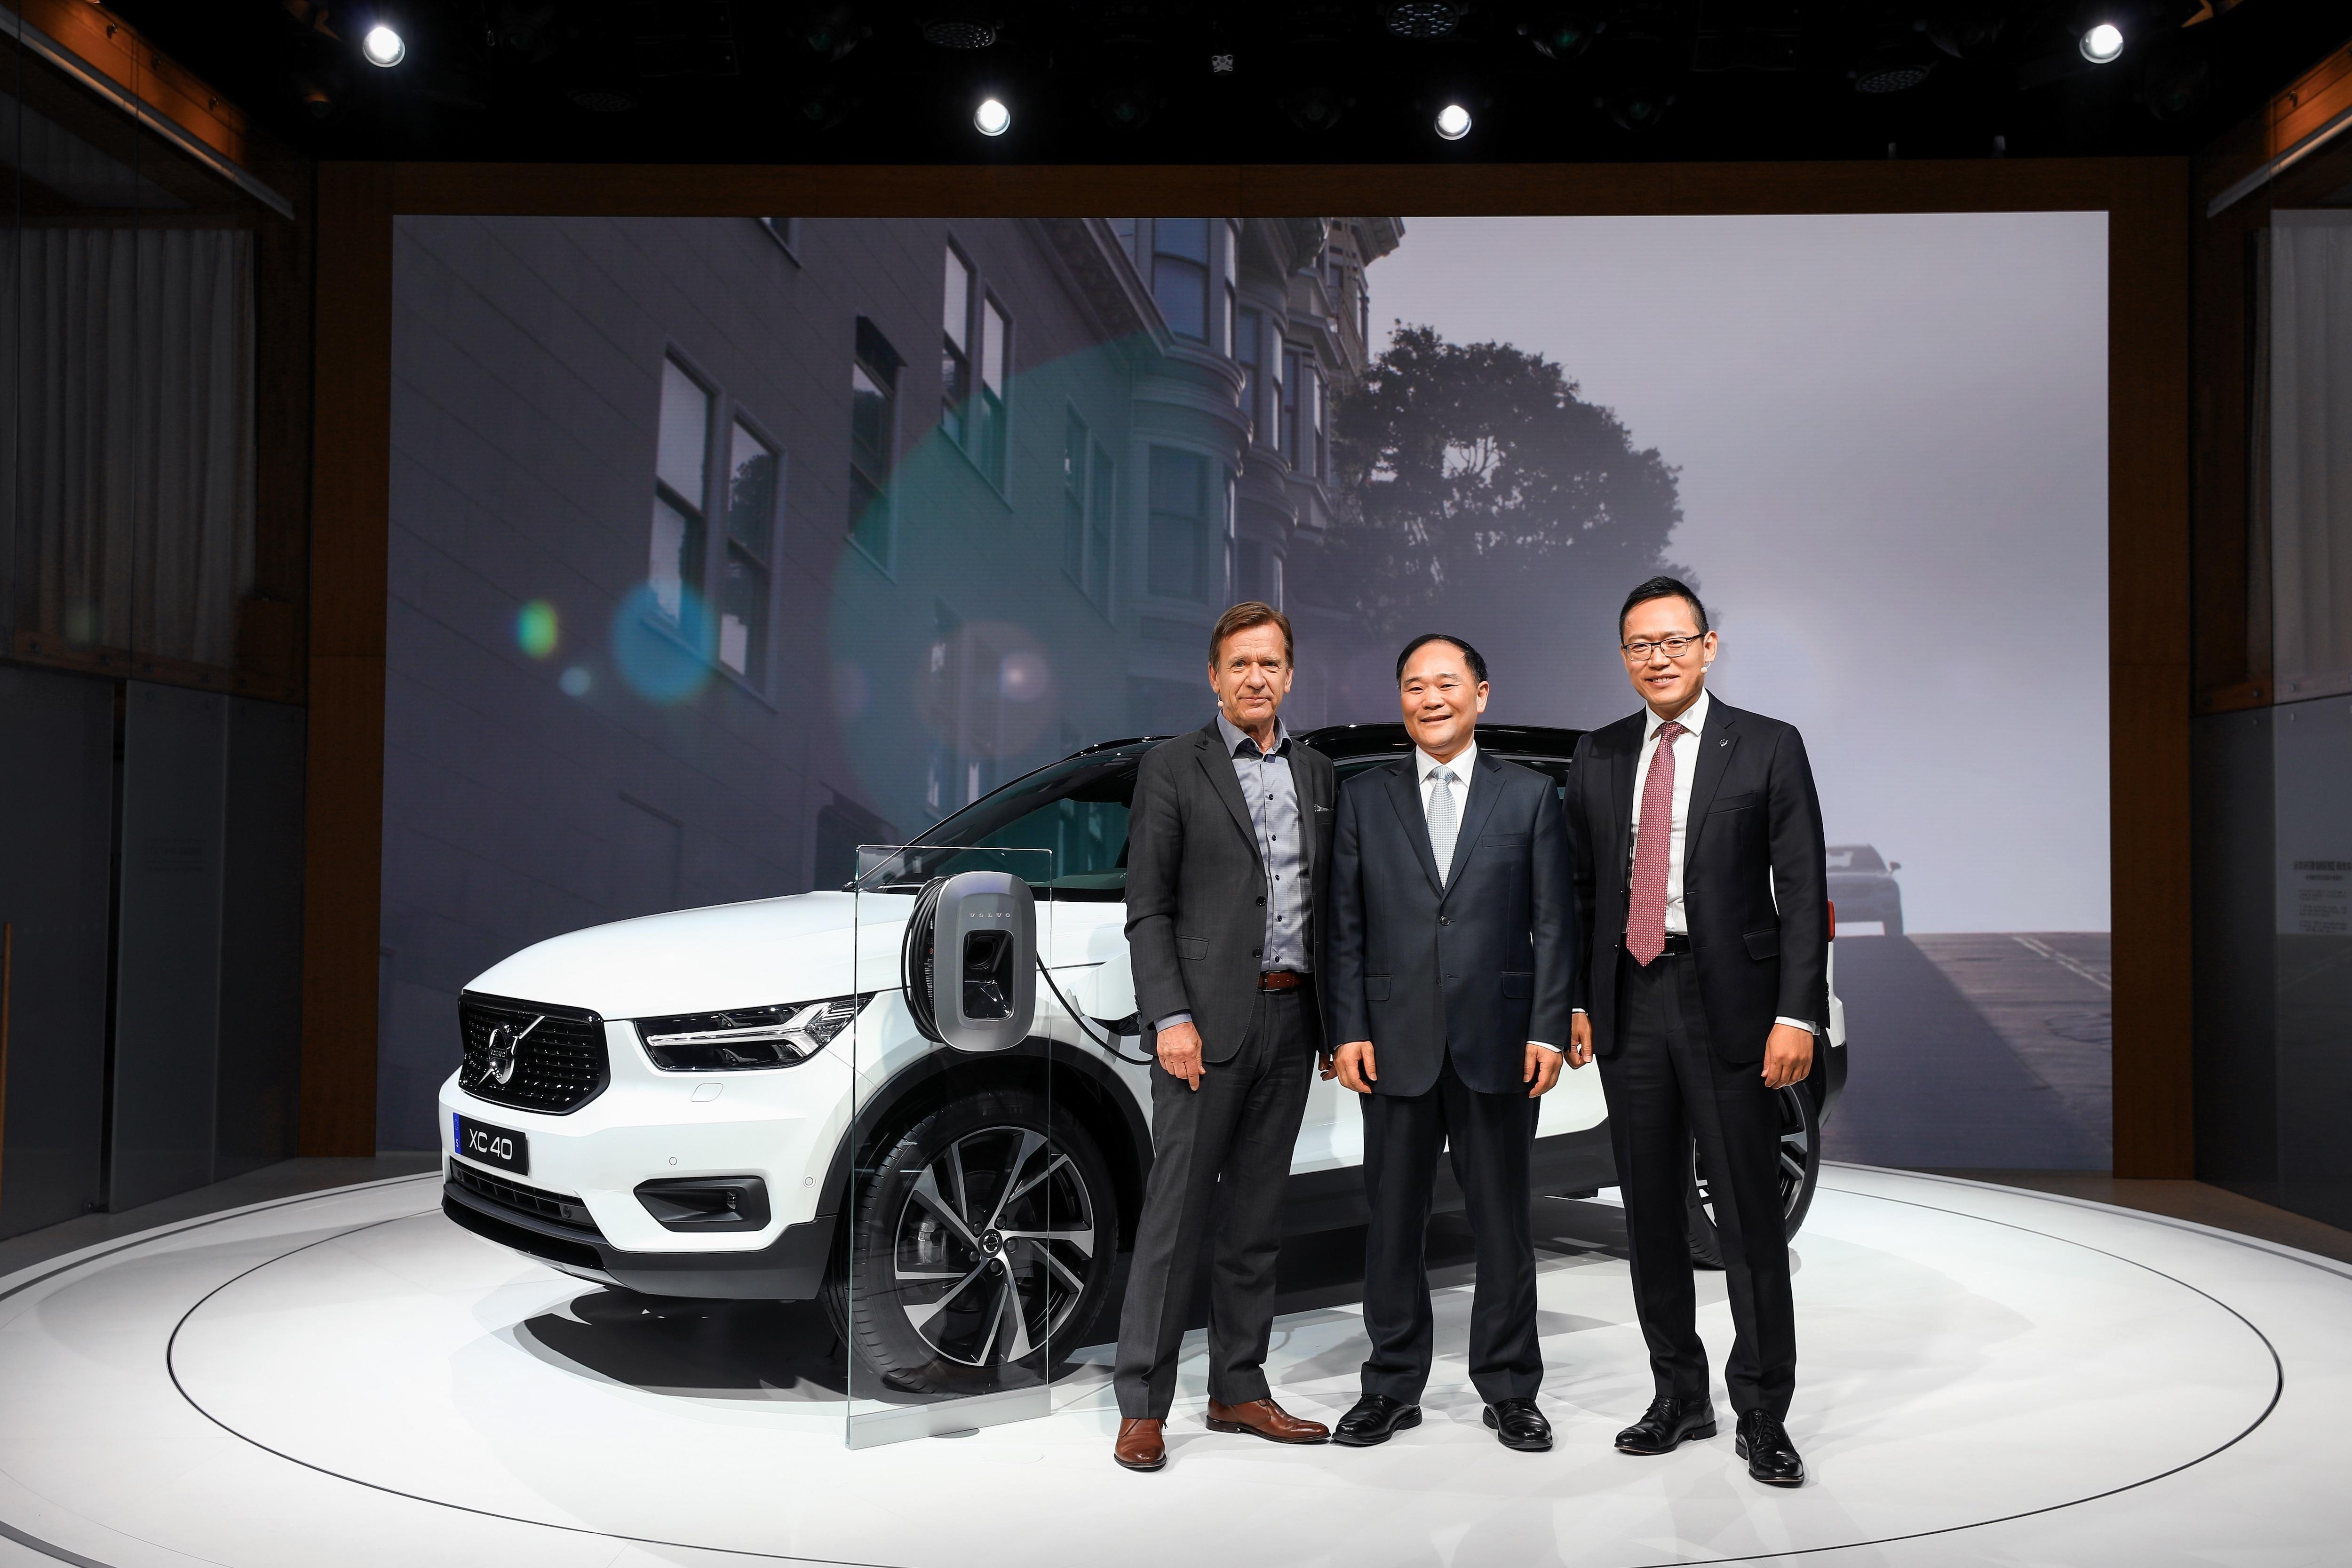 到2025年纯电动汽车占销量50%——沃尔沃汽车北京车展深化全面电气化承诺